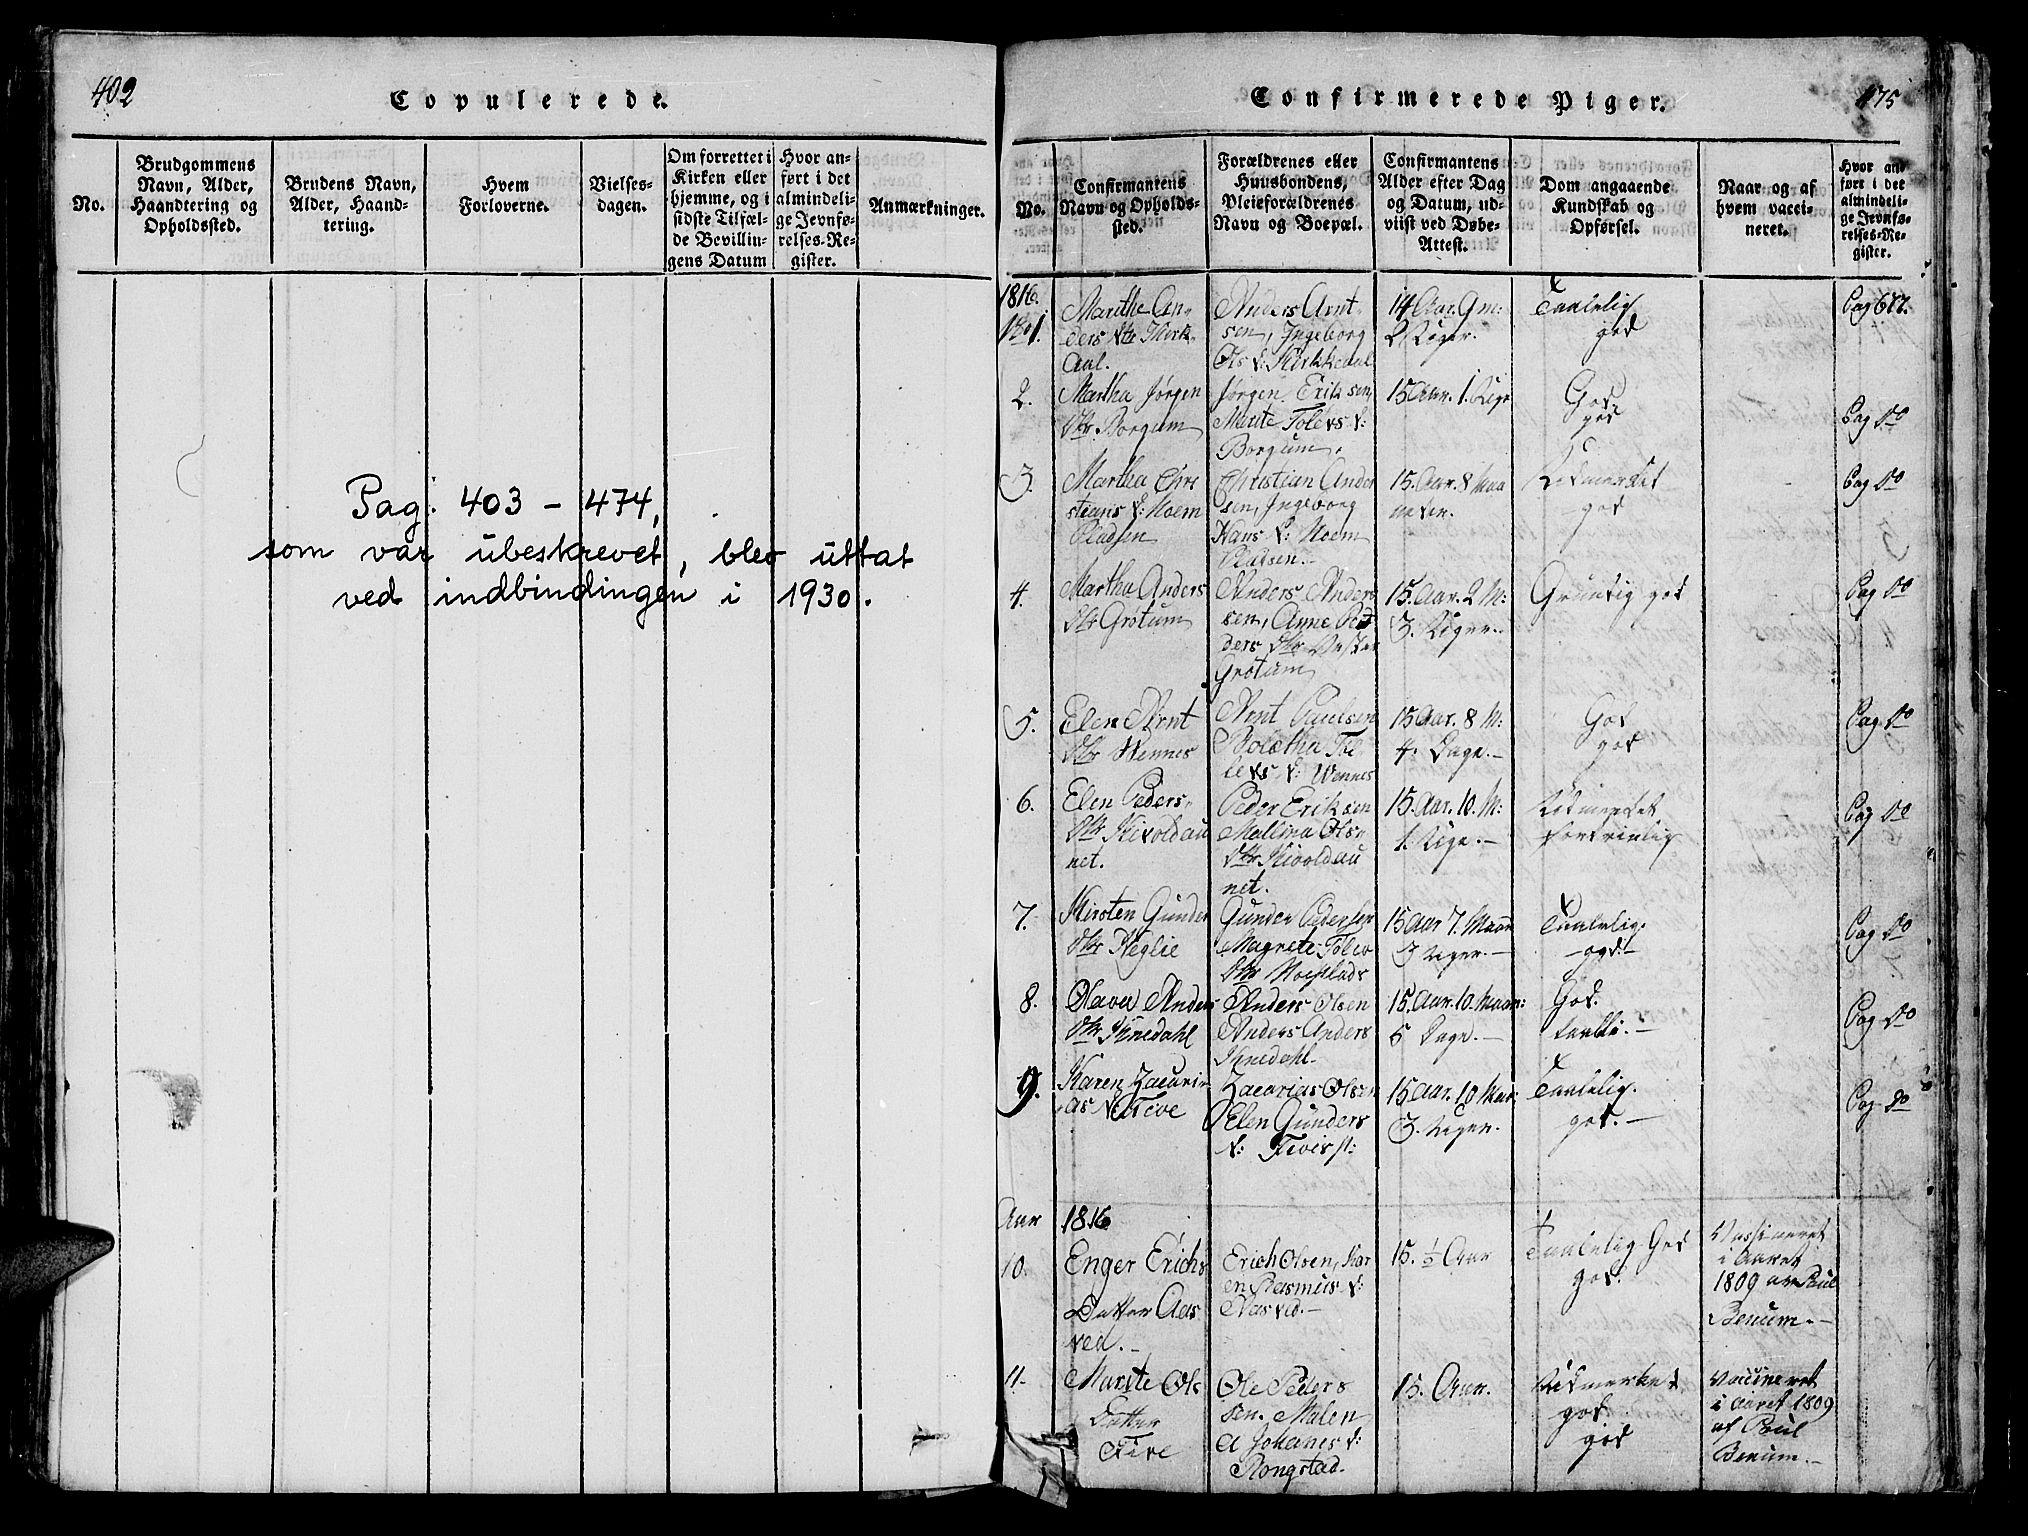 SAT, Ministerialprotokoller, klokkerbøker og fødselsregistre - Nord-Trøndelag, 747/L0459: Klokkerbok nr. 747C01, 1816-1842, s. 402-475